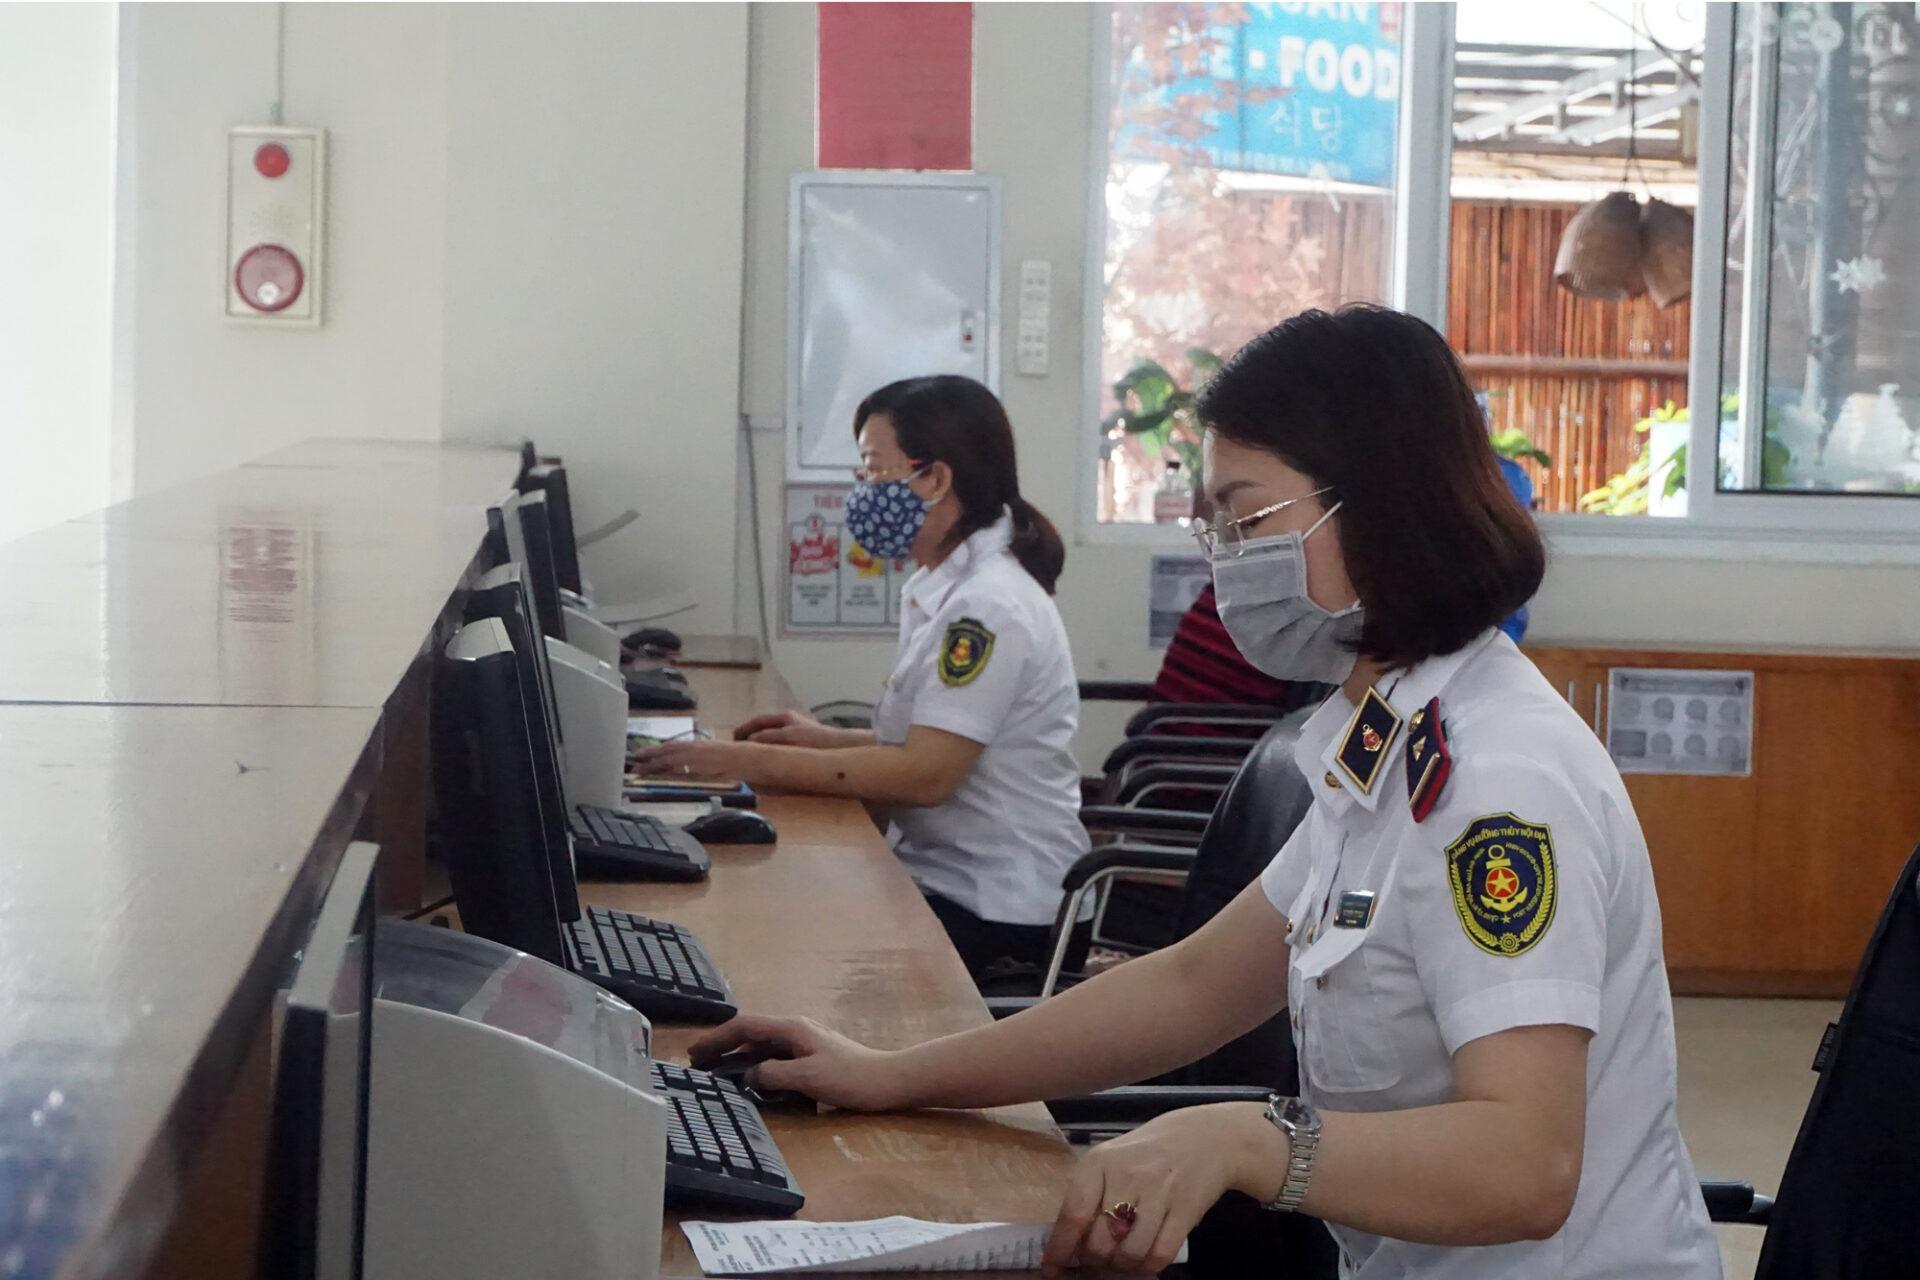 Nhân viên cảng vụ sẵn sàng làm việc tại cảng làm thủ tục cho khách